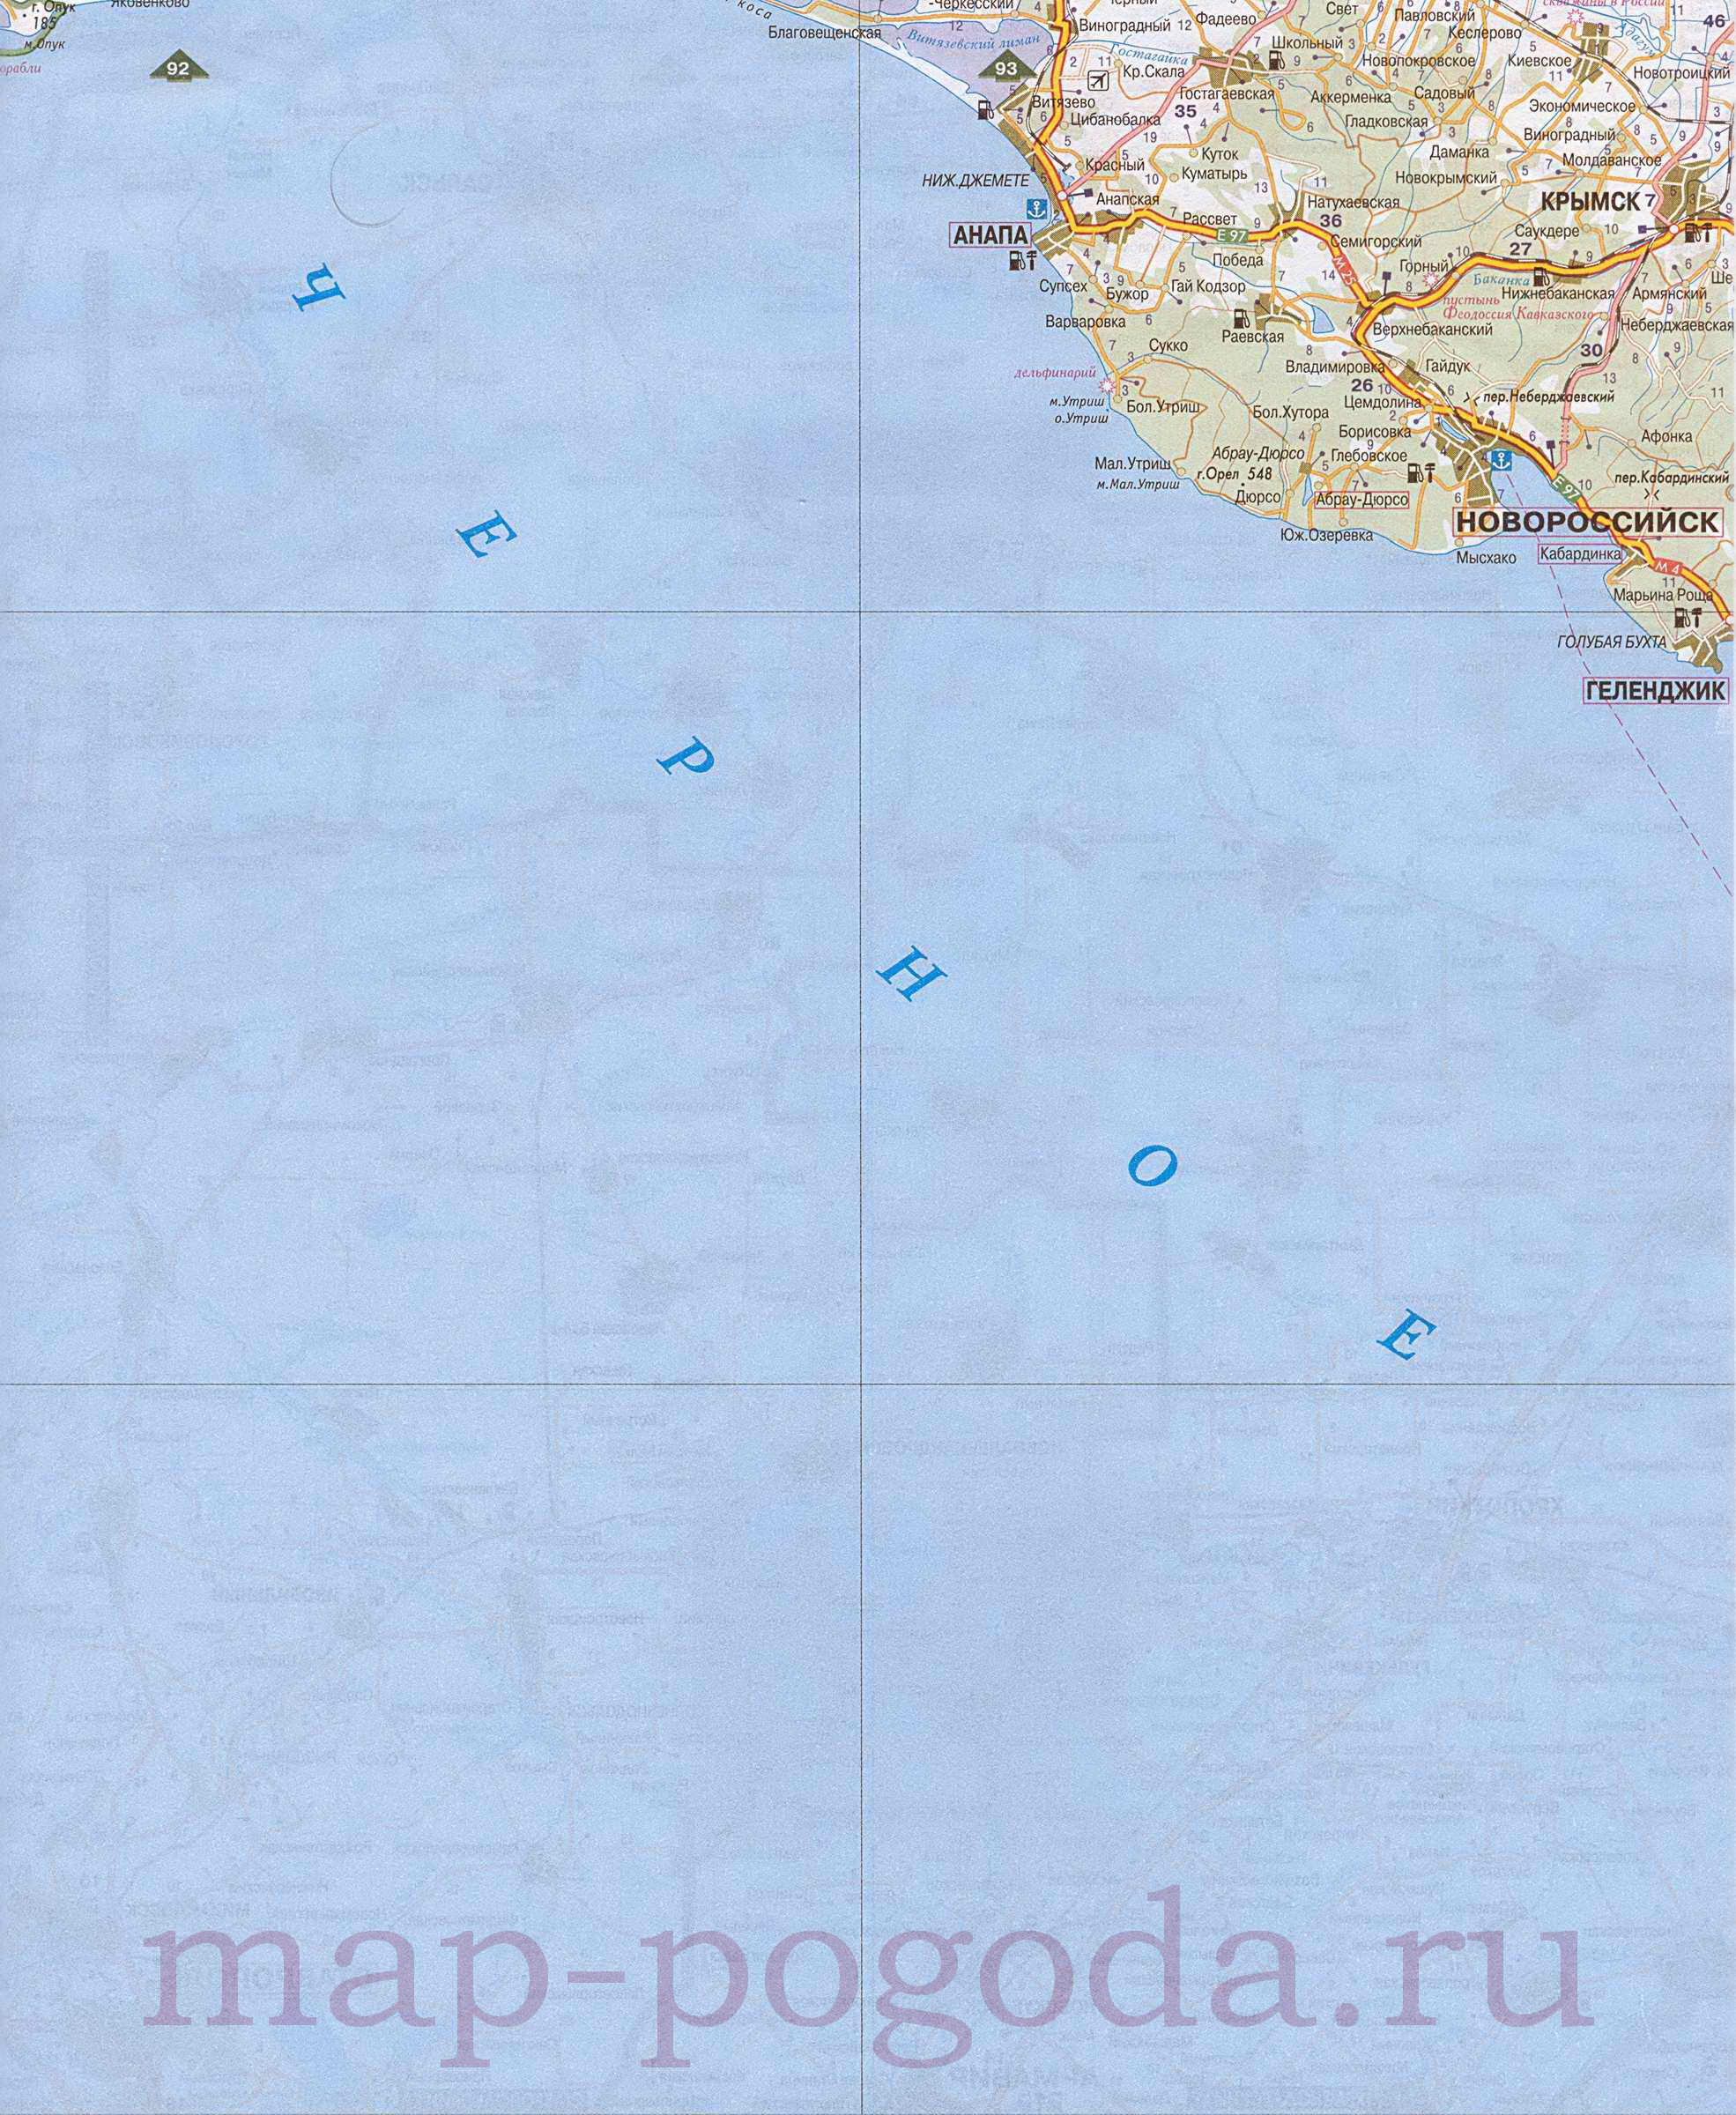 Подробная карта черноморского